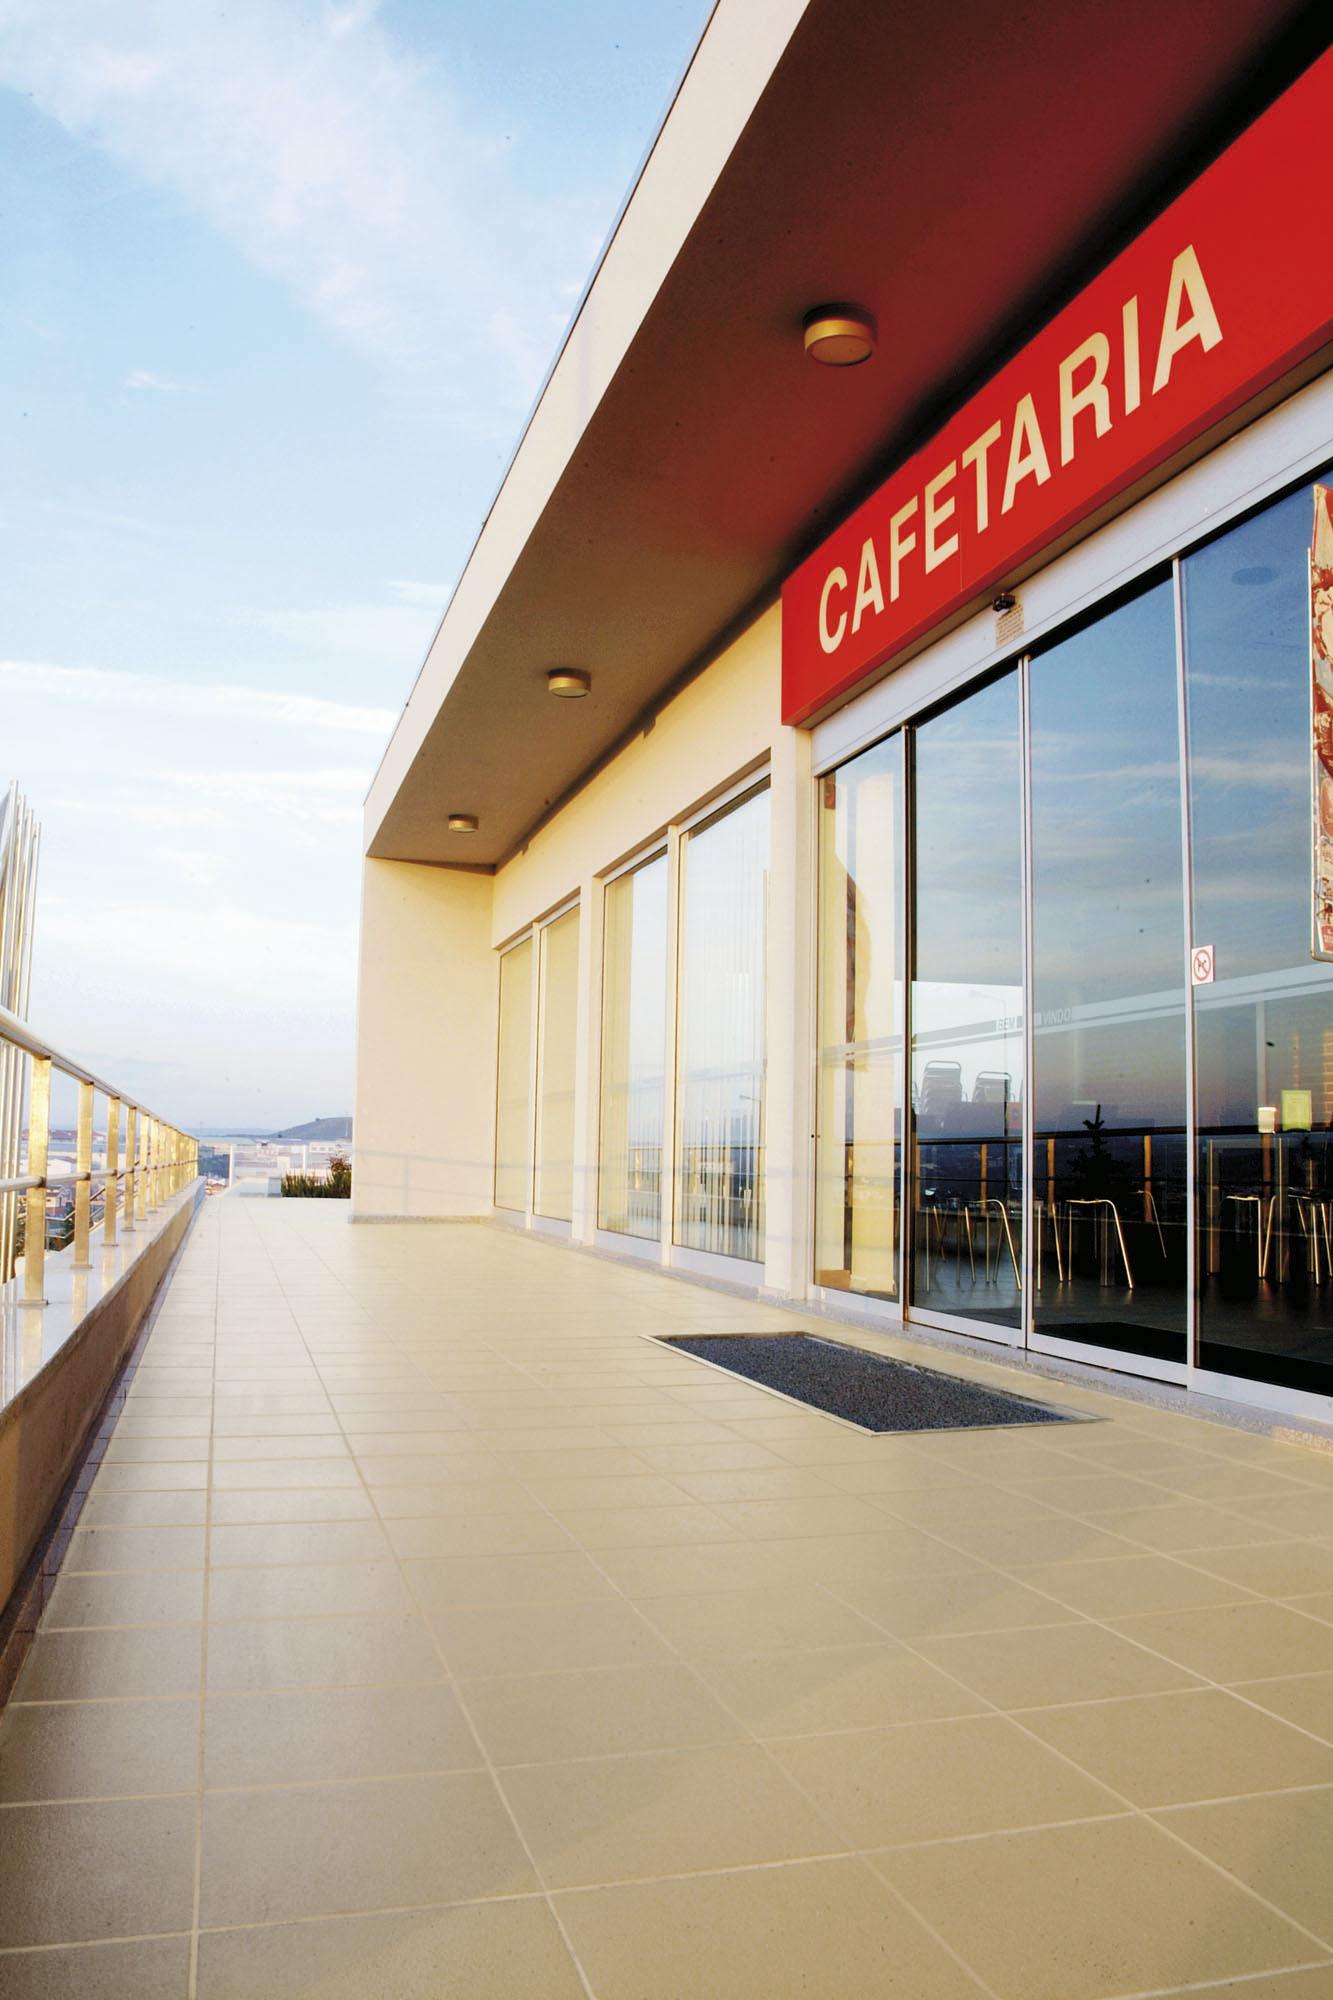 Cafetaria Mirandela